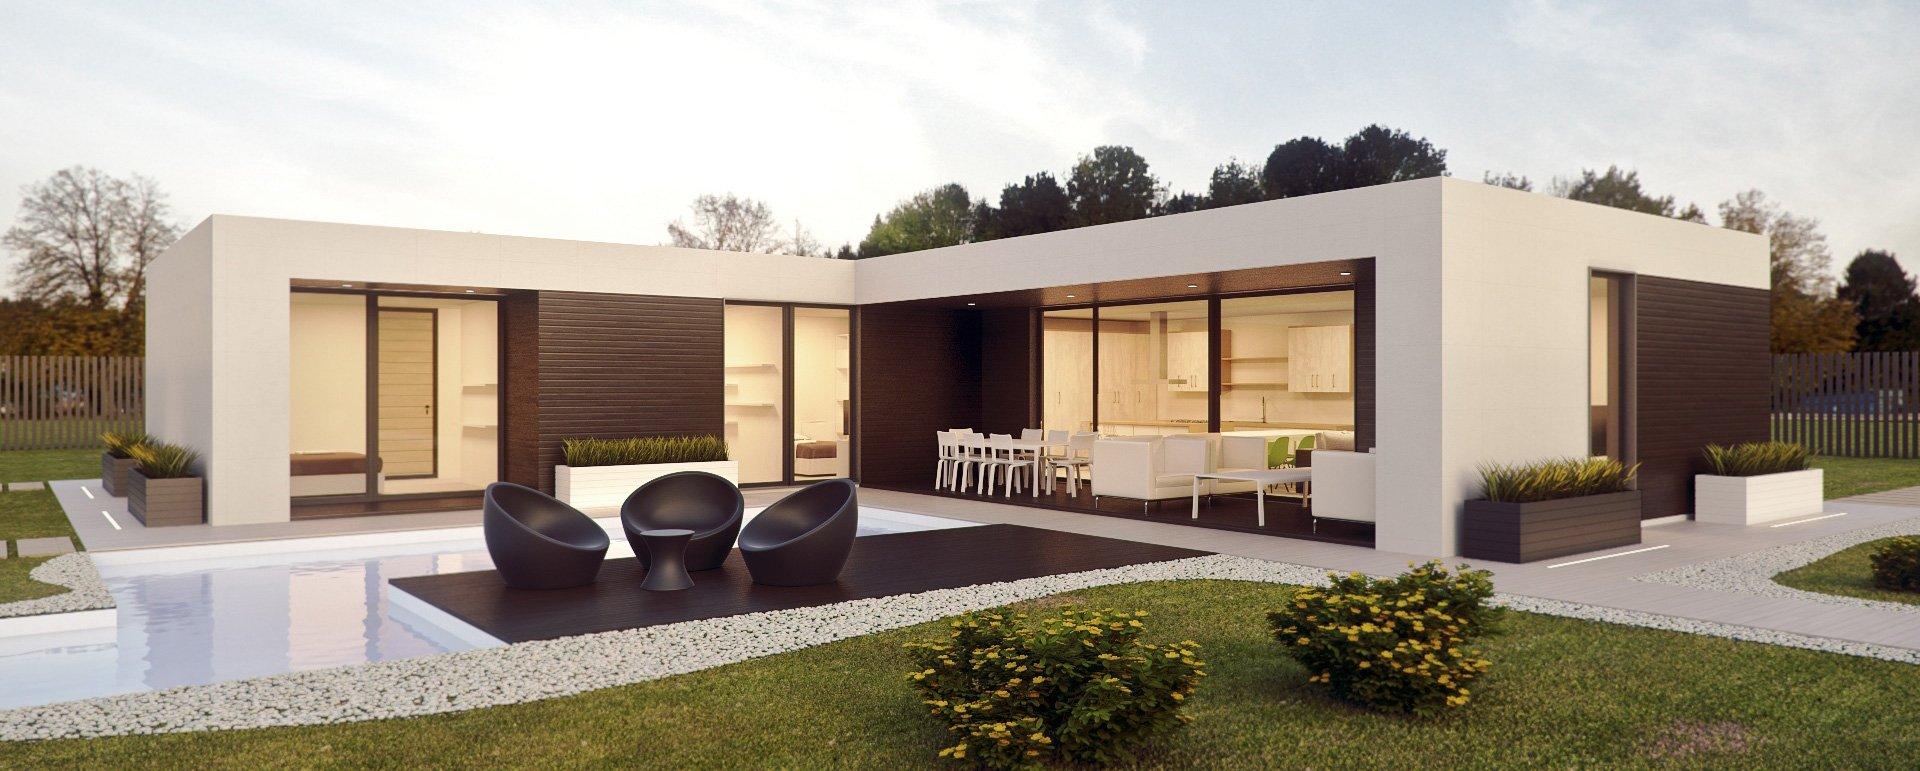 LES ALLEES MAVRO, architecture d'extérieur et paysage à Carbon-Blanc